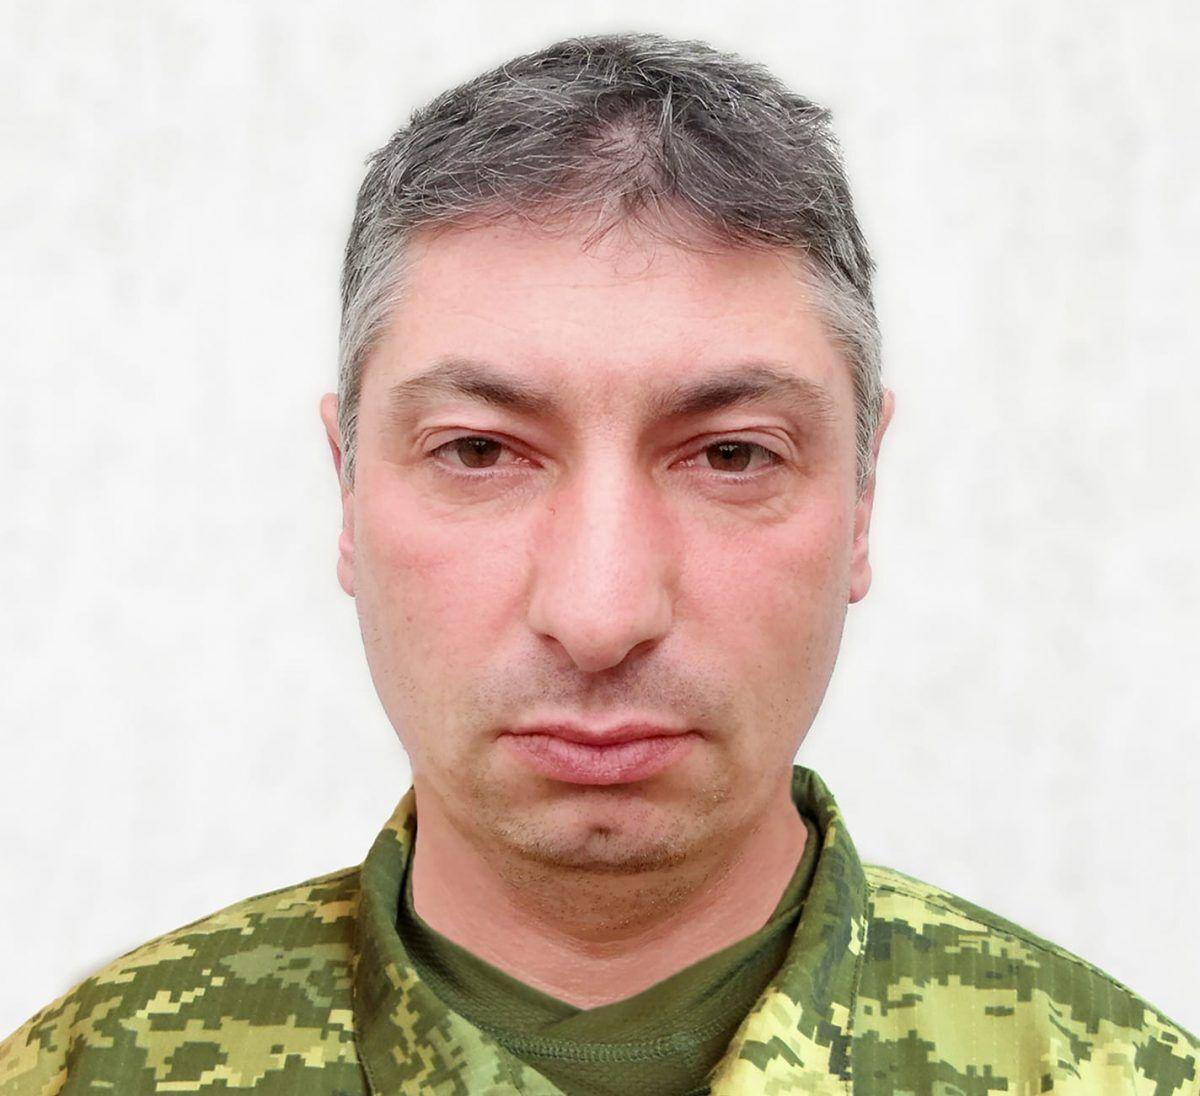 Сергій Барнич, 47 років